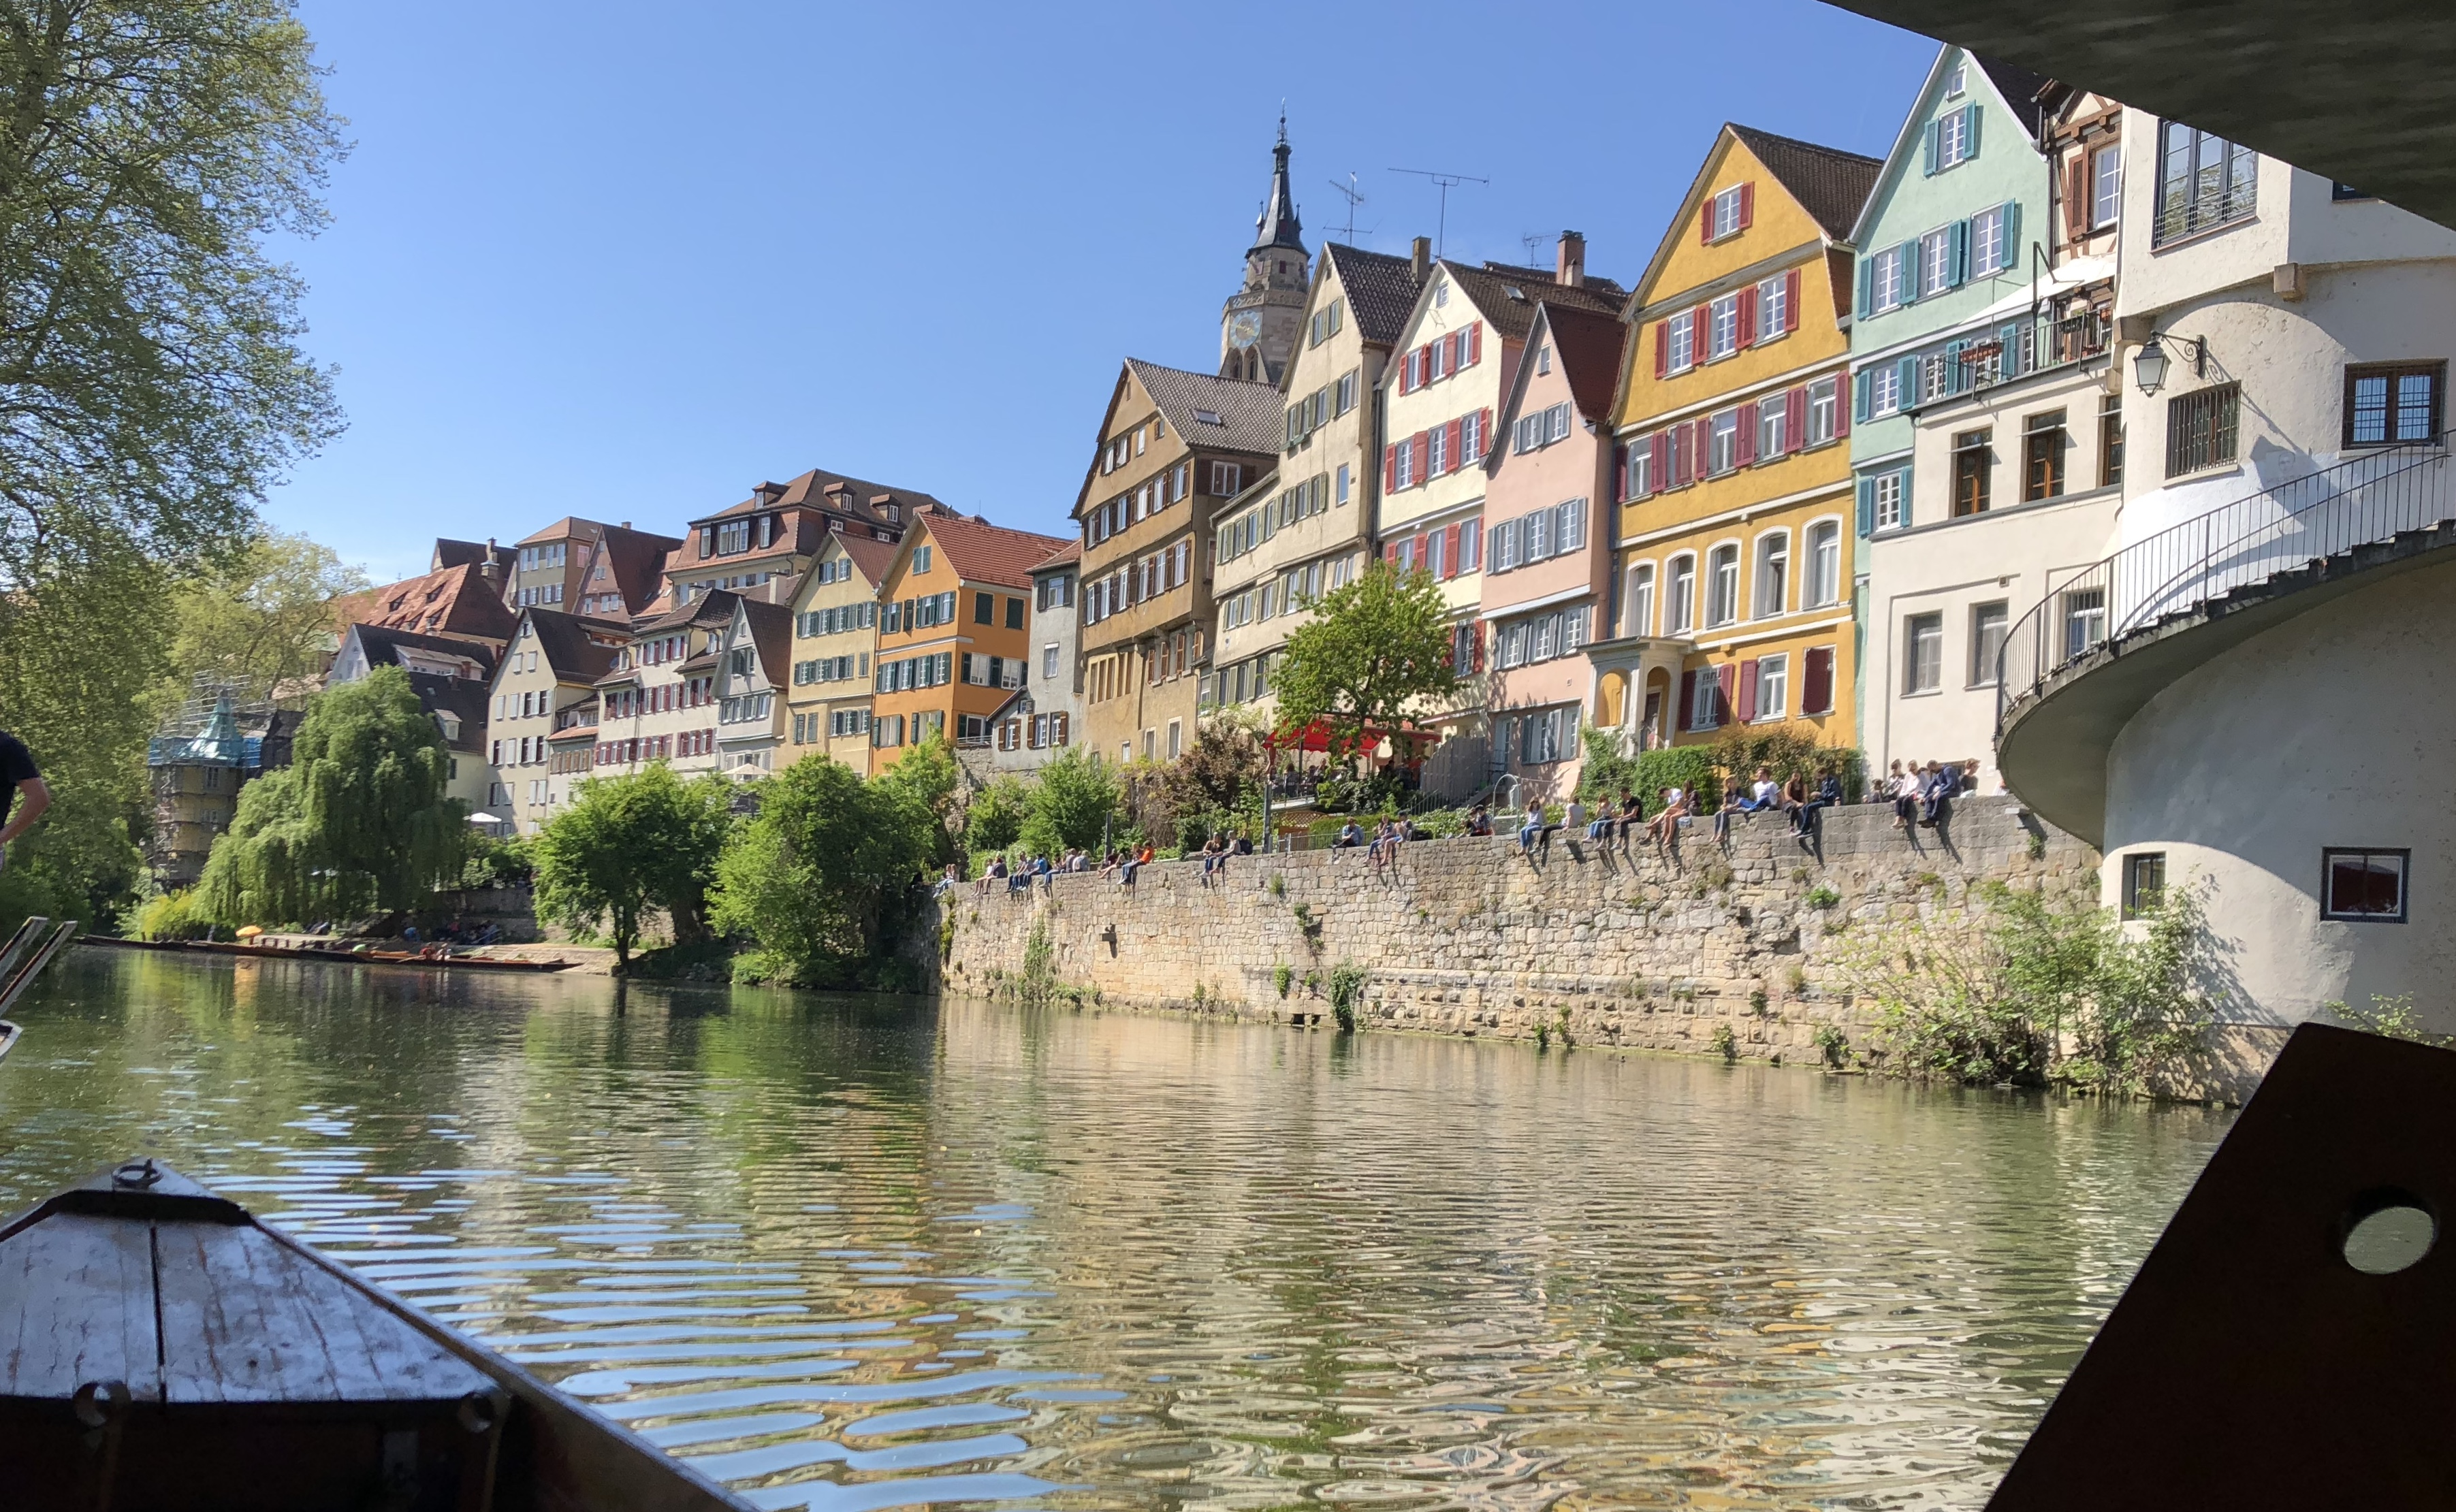 Neckar in Tübingen